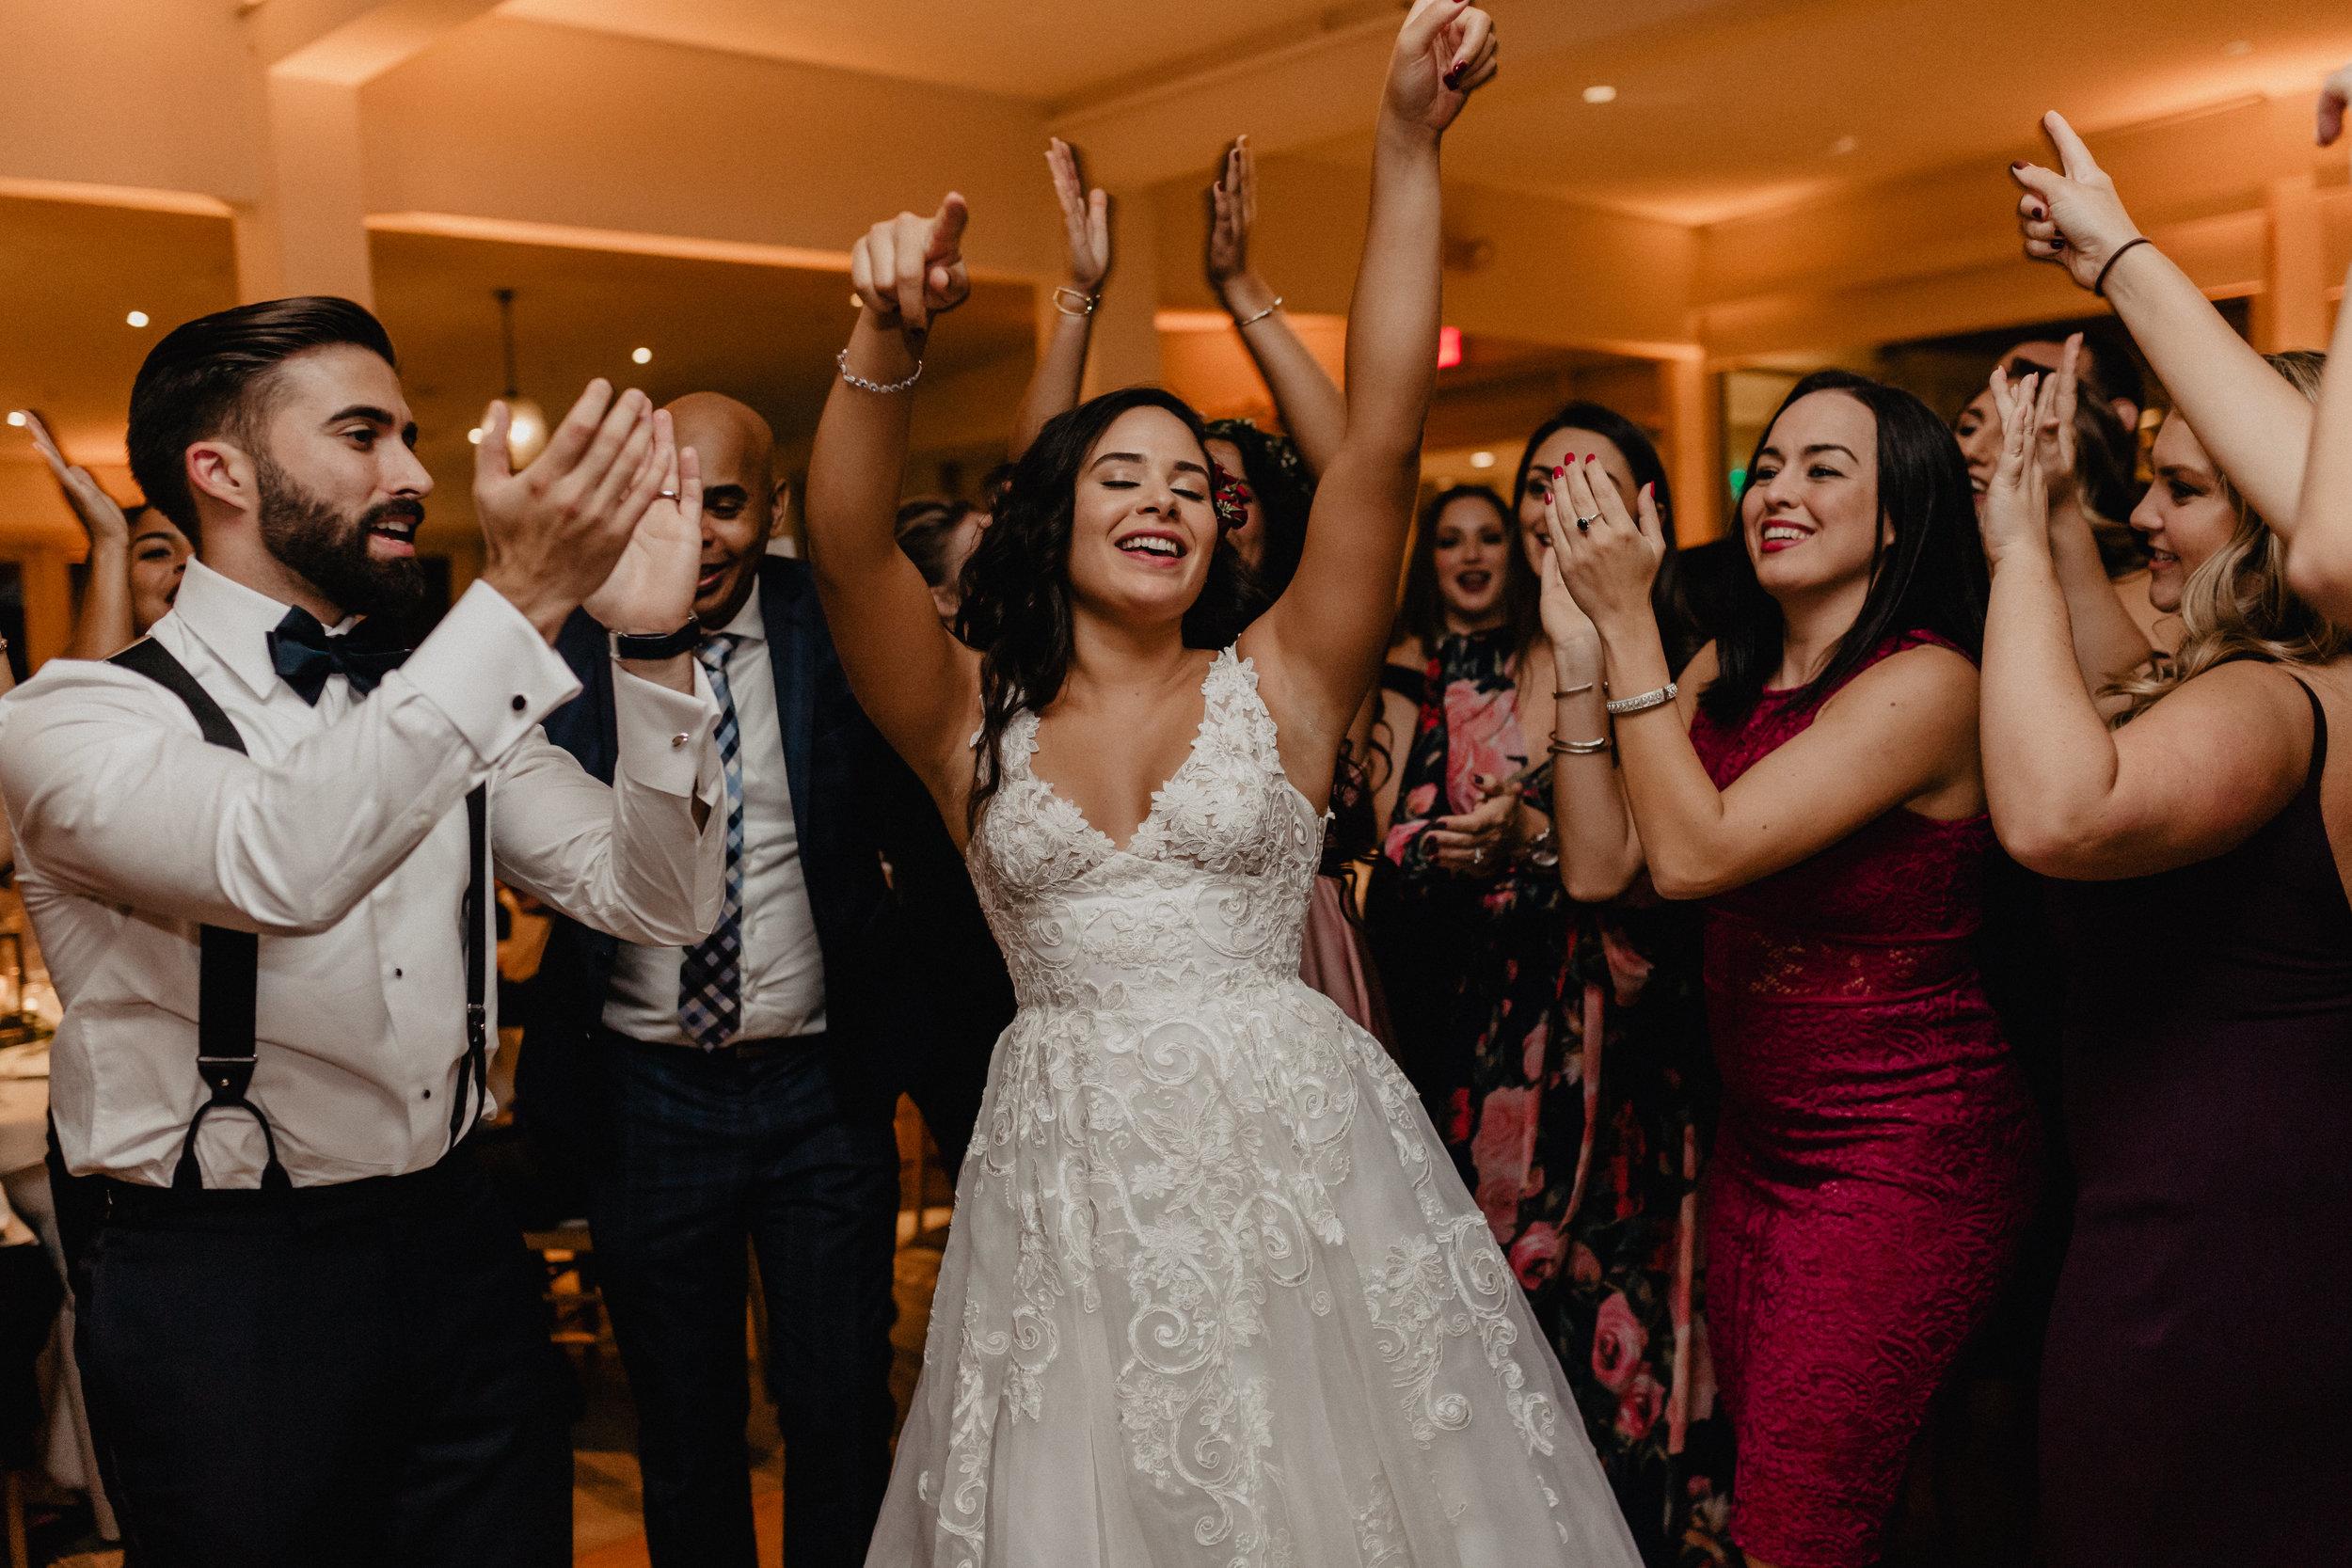 garrison_wedding_photos_097.jpg